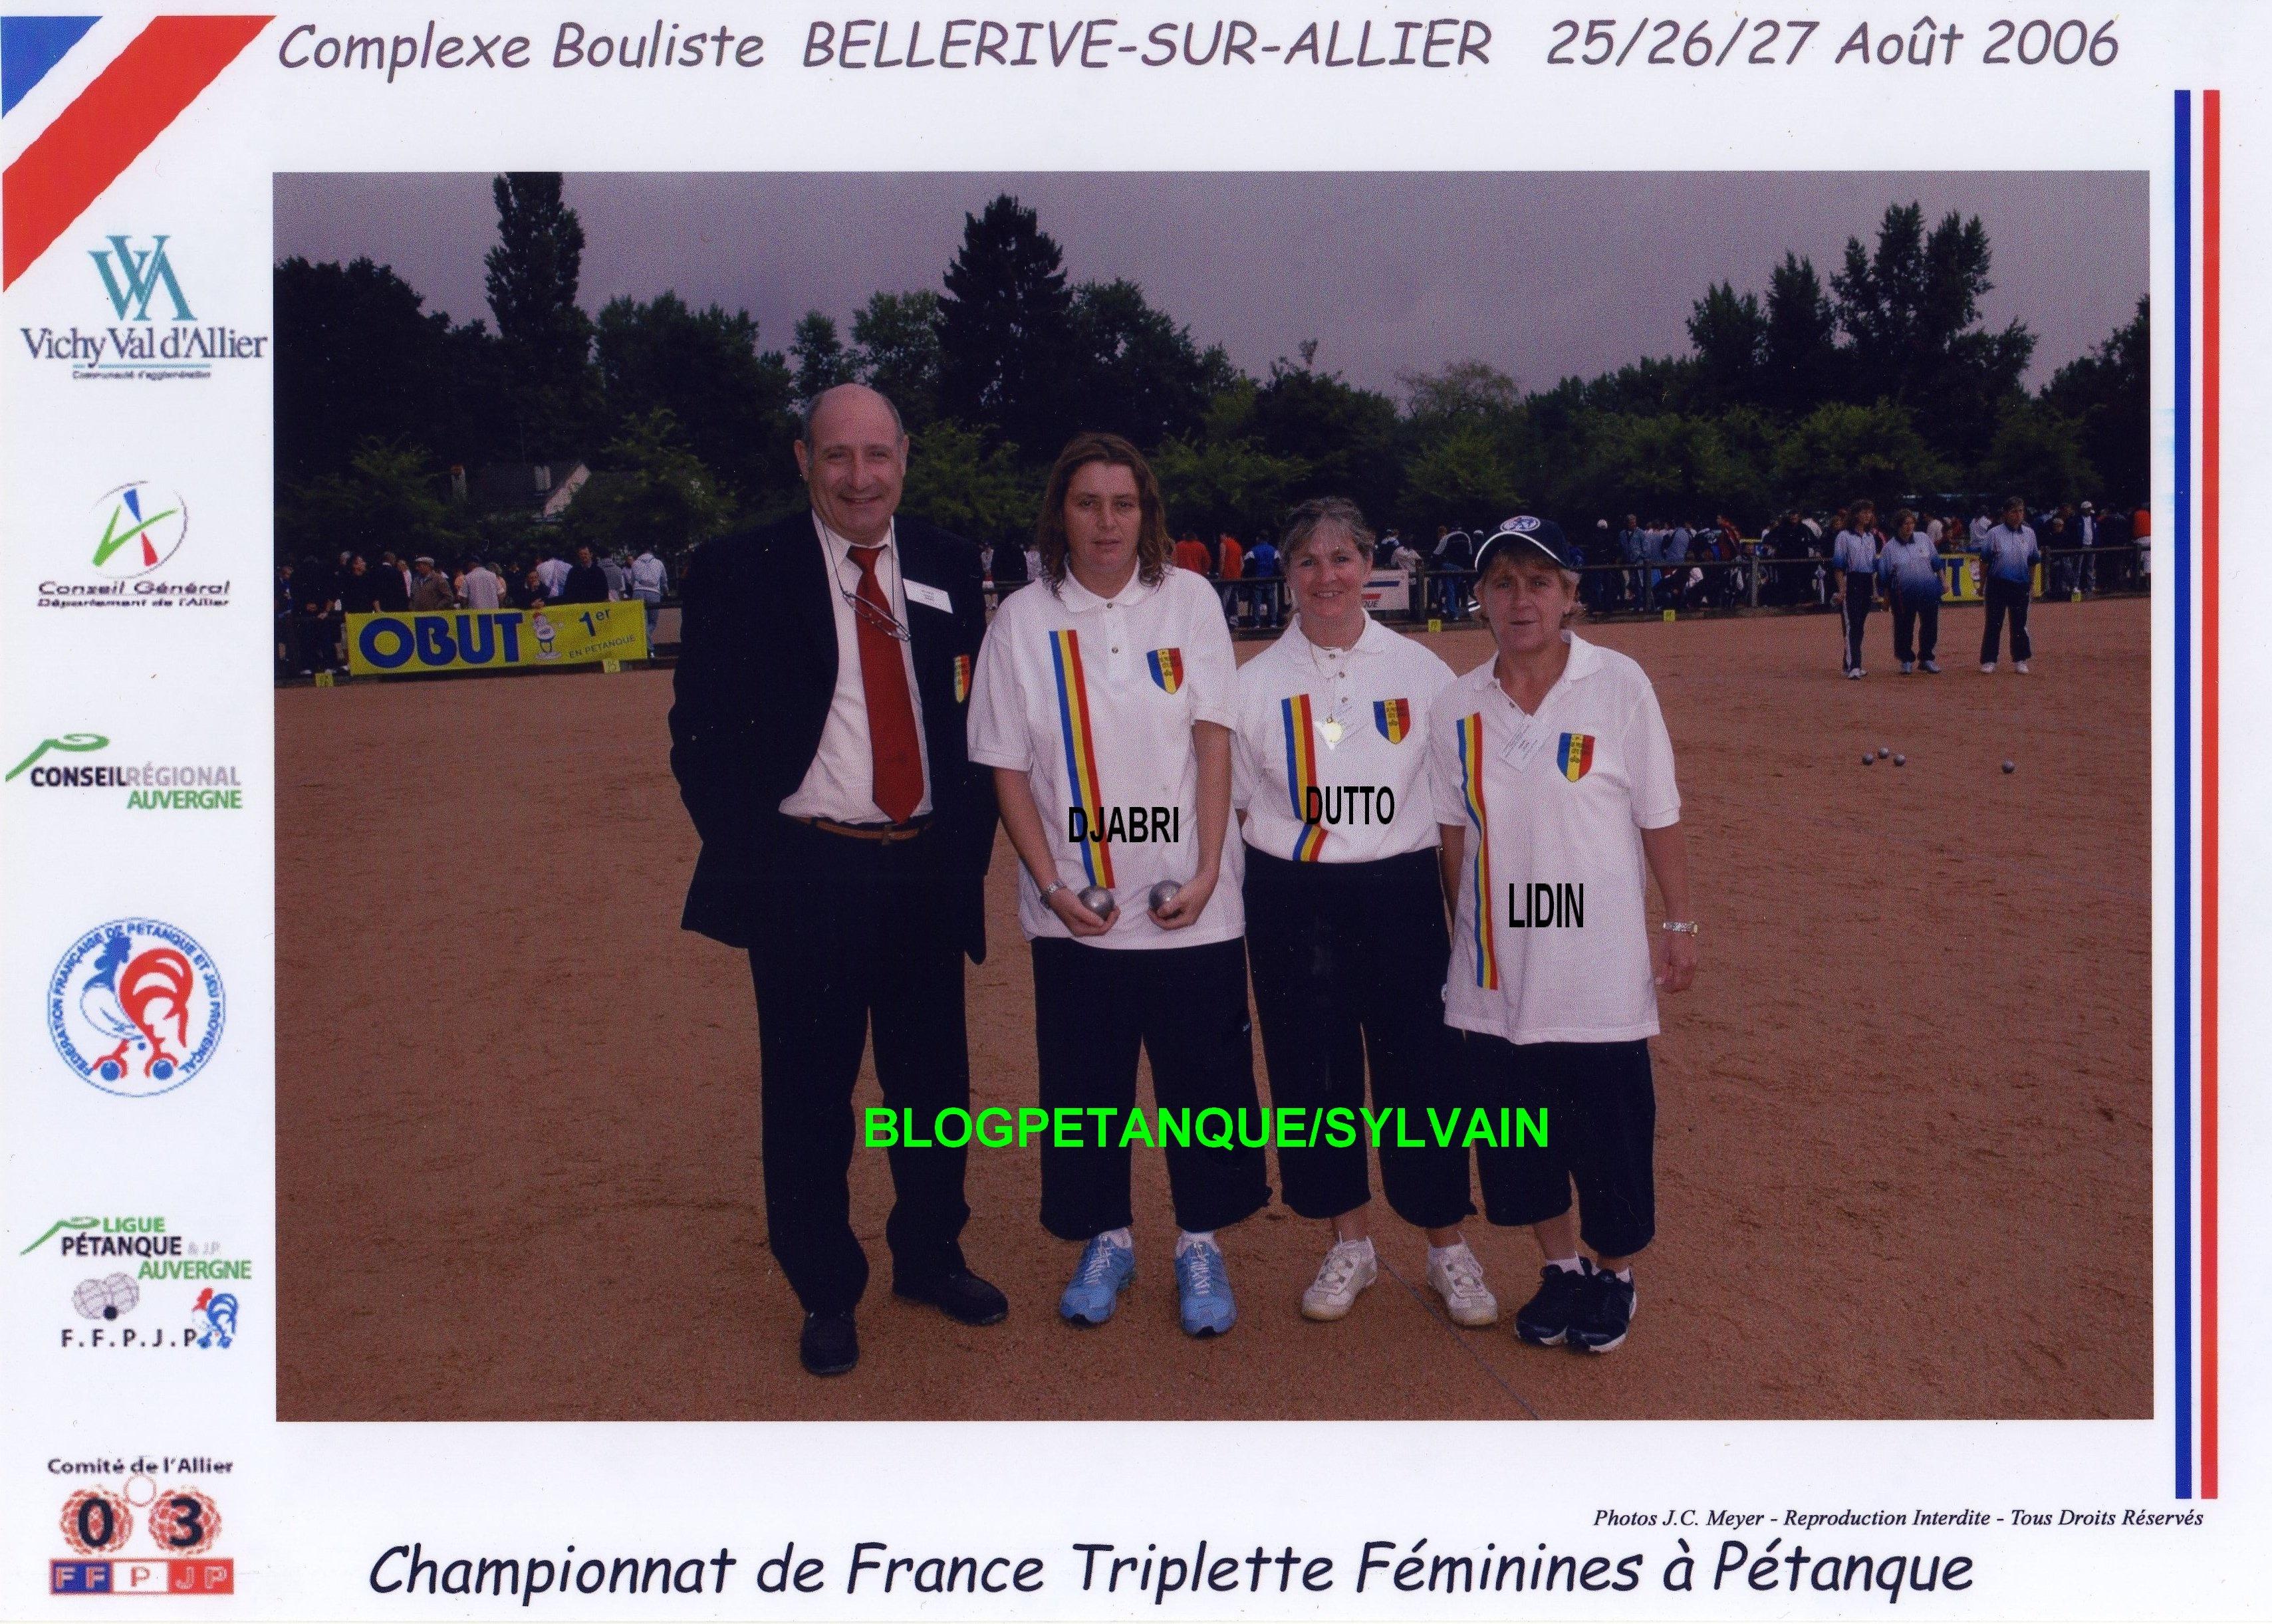 Les championnes doublettes du 06